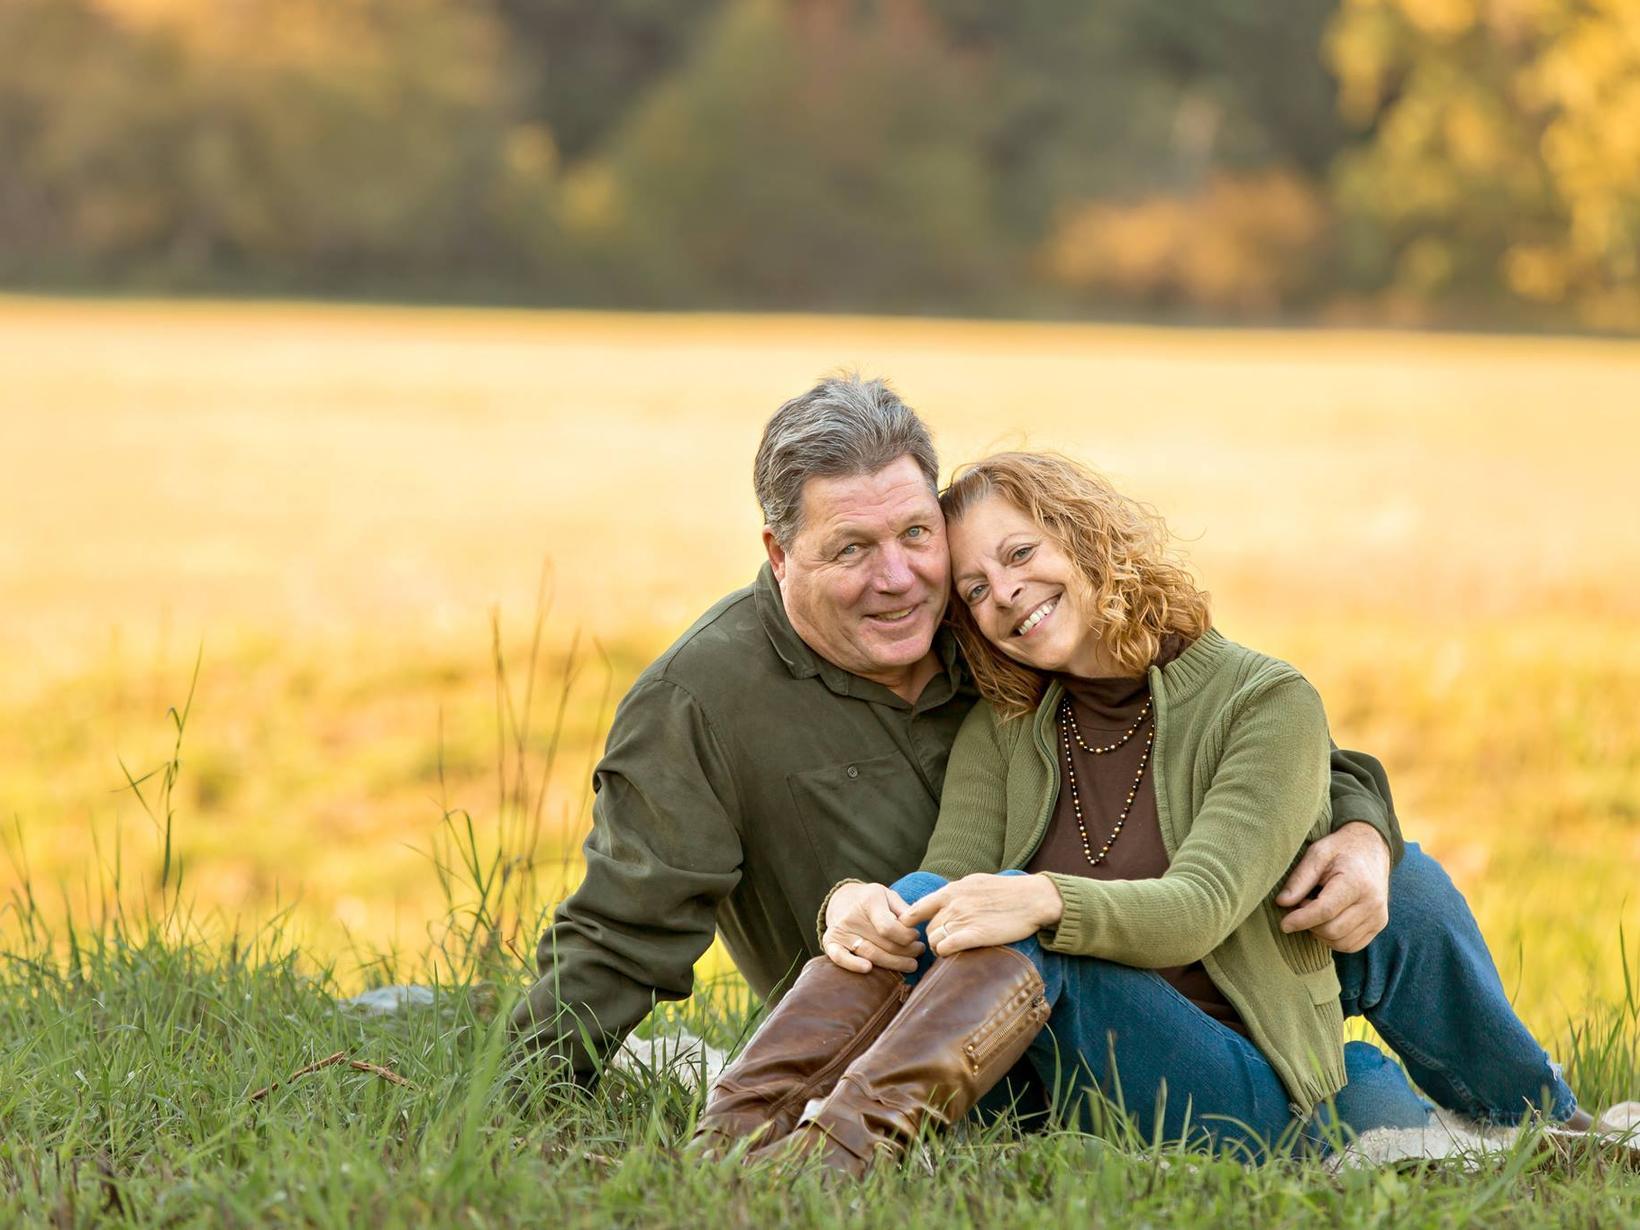 Lisa & Jim from Seattle, Washington, United States